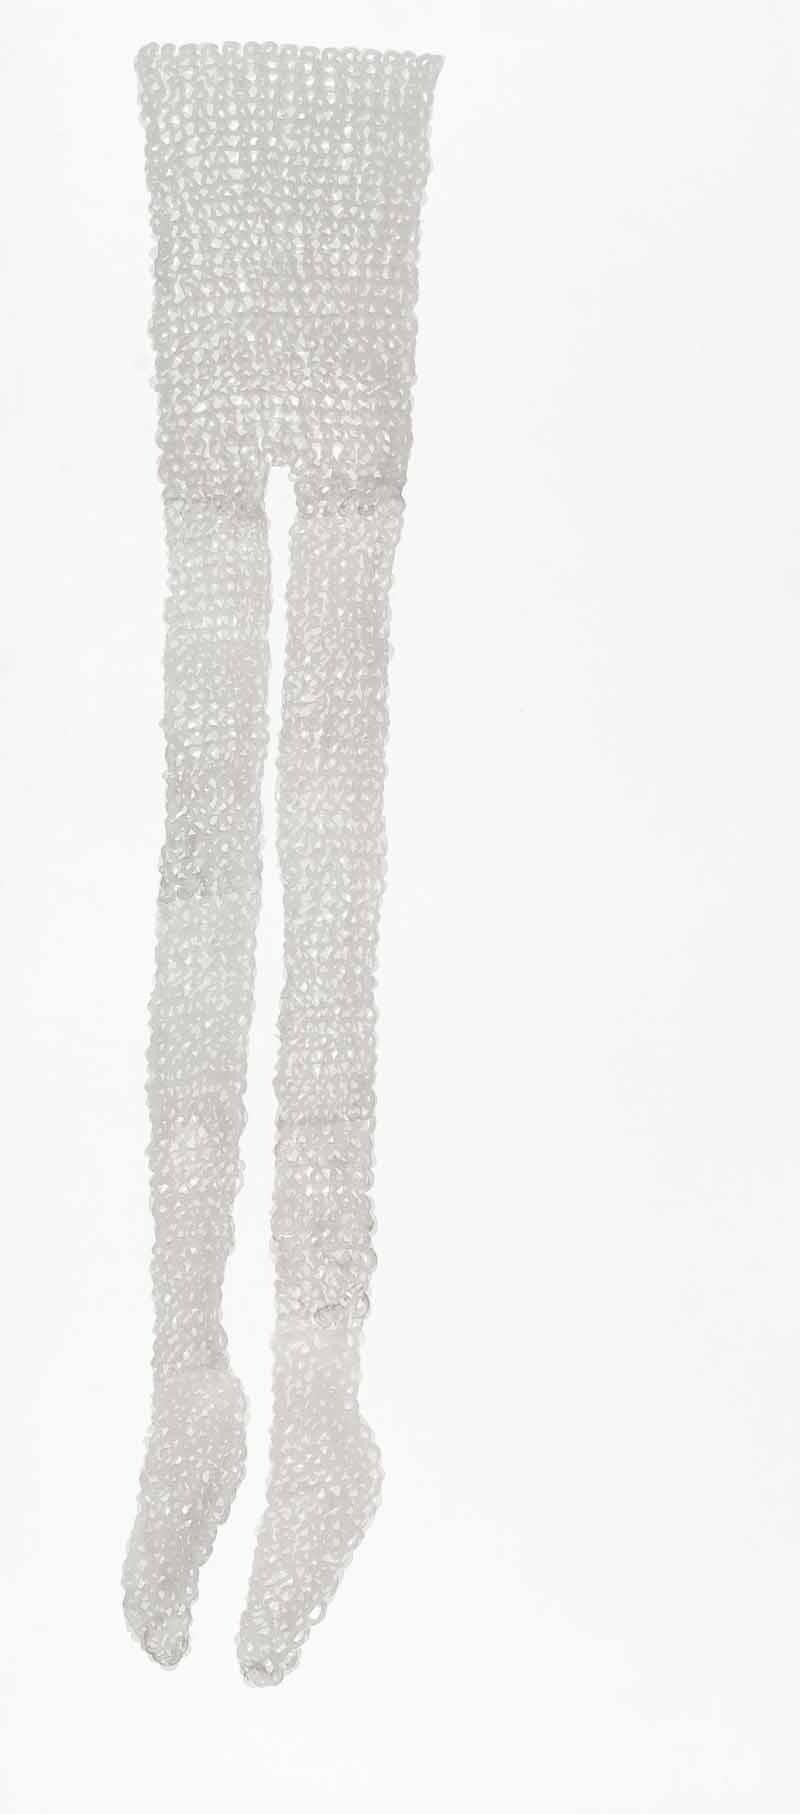 tights_02 | 2017 | 125 x 55 cm | Tusche auf Papier